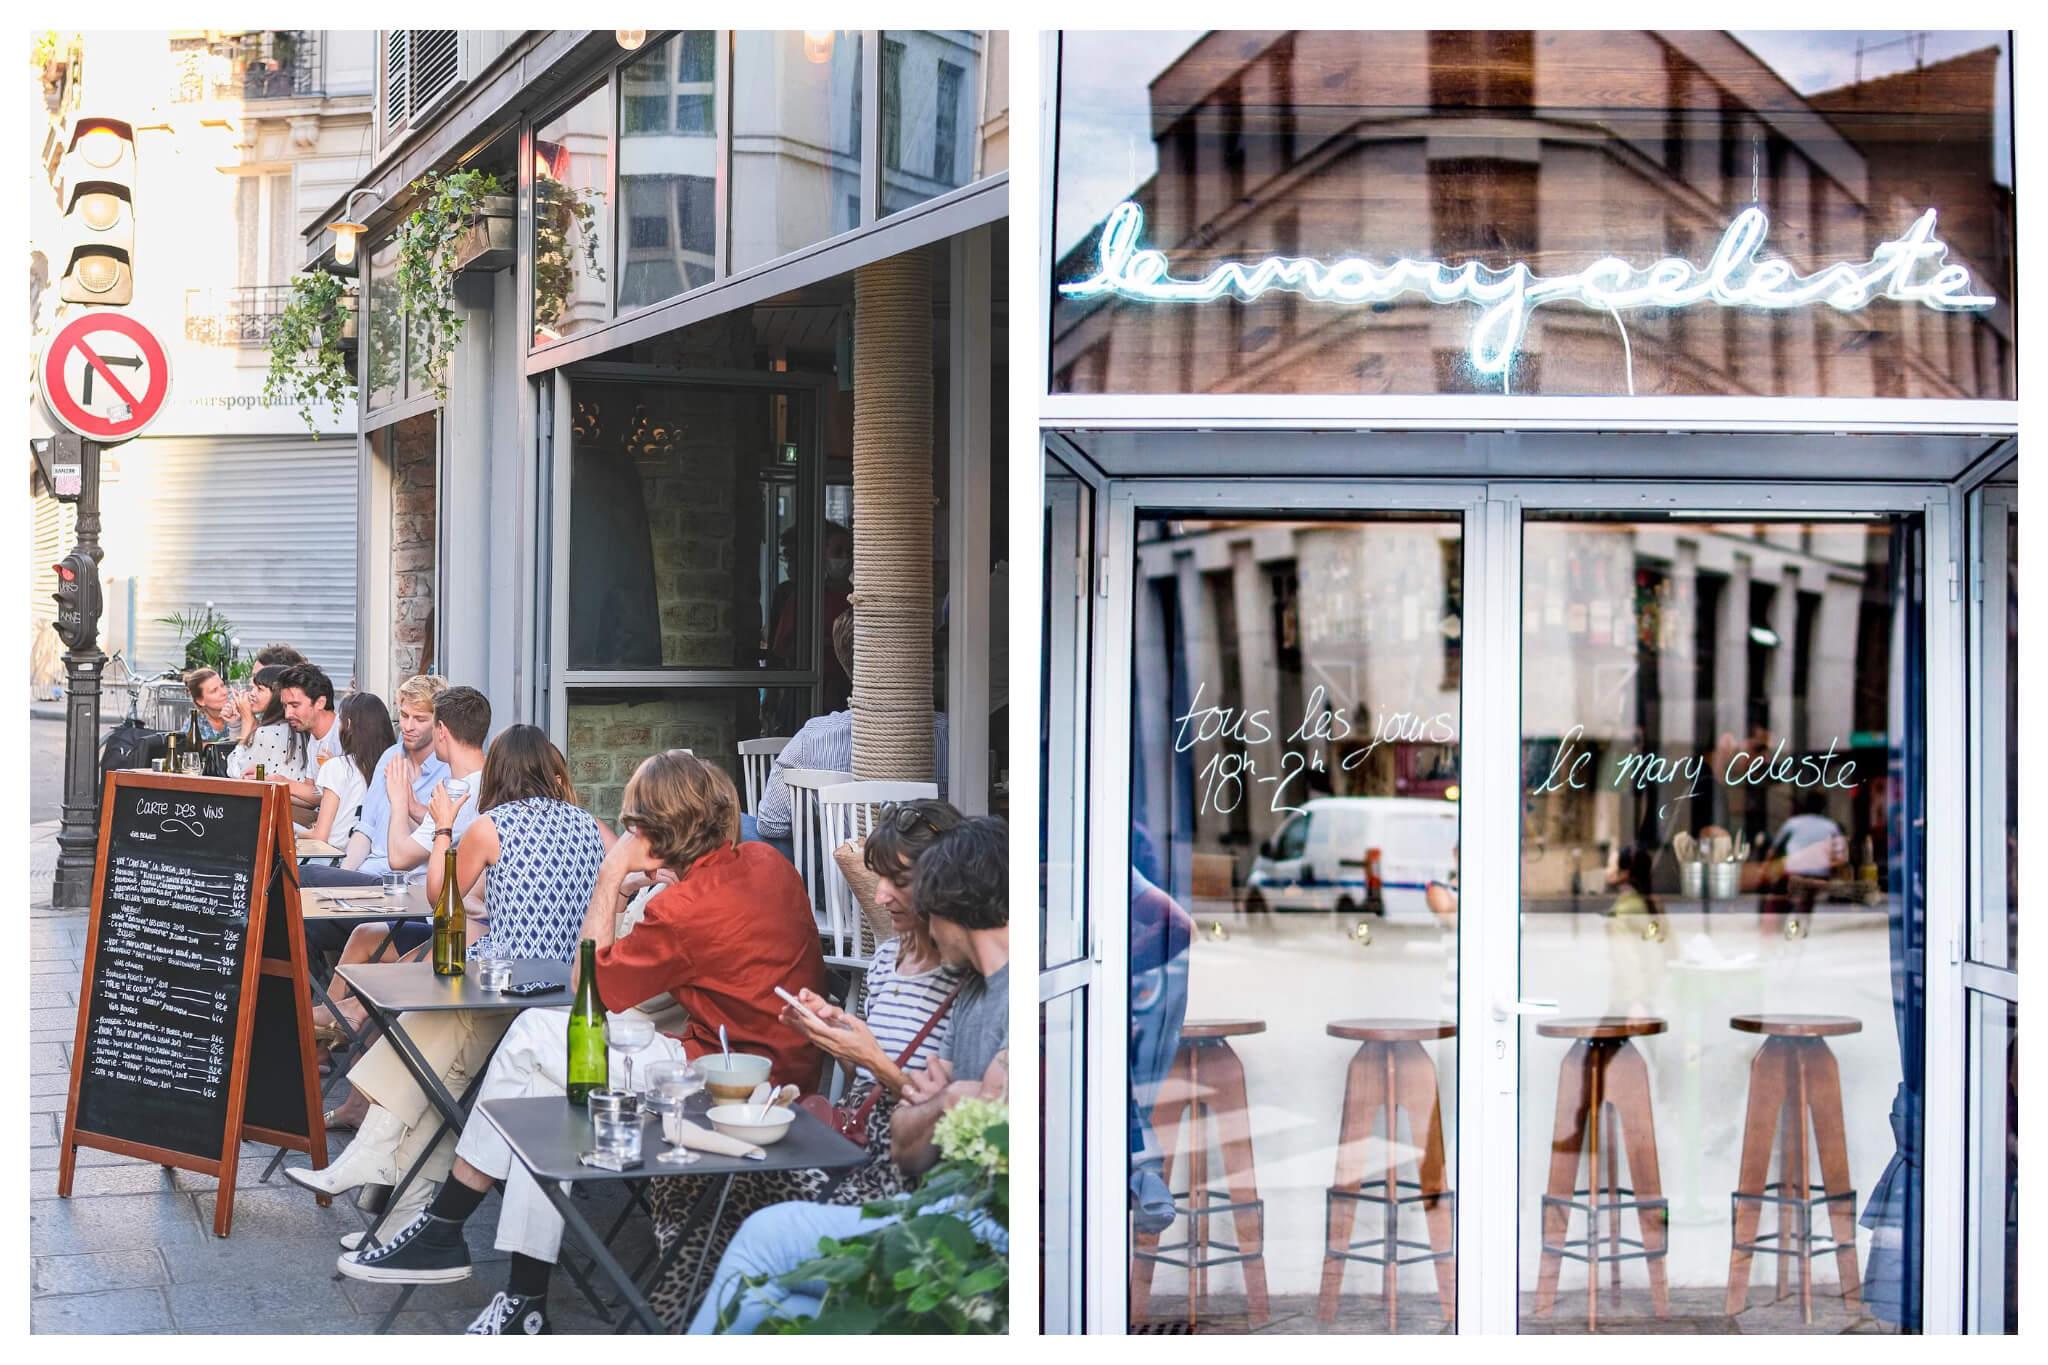 Le Mary Celeste Paris. The café exterior dining and a view inside.